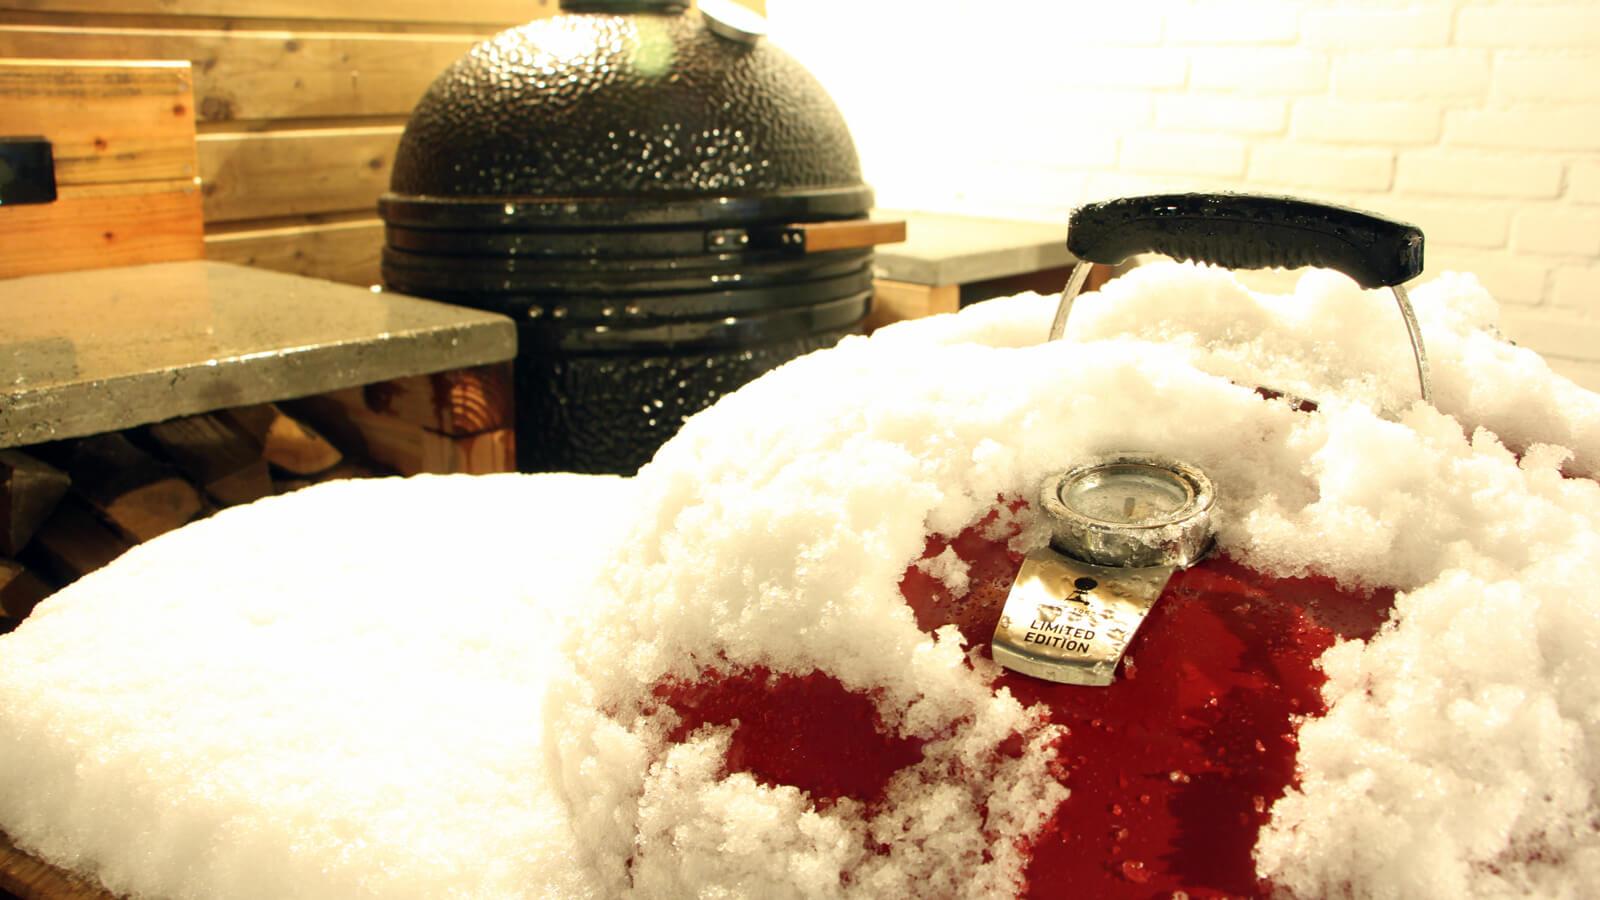 BBQ'en met Kerstmis wordt steeds populairder! Heb jij al gedacht aan een Kerst BBQ?